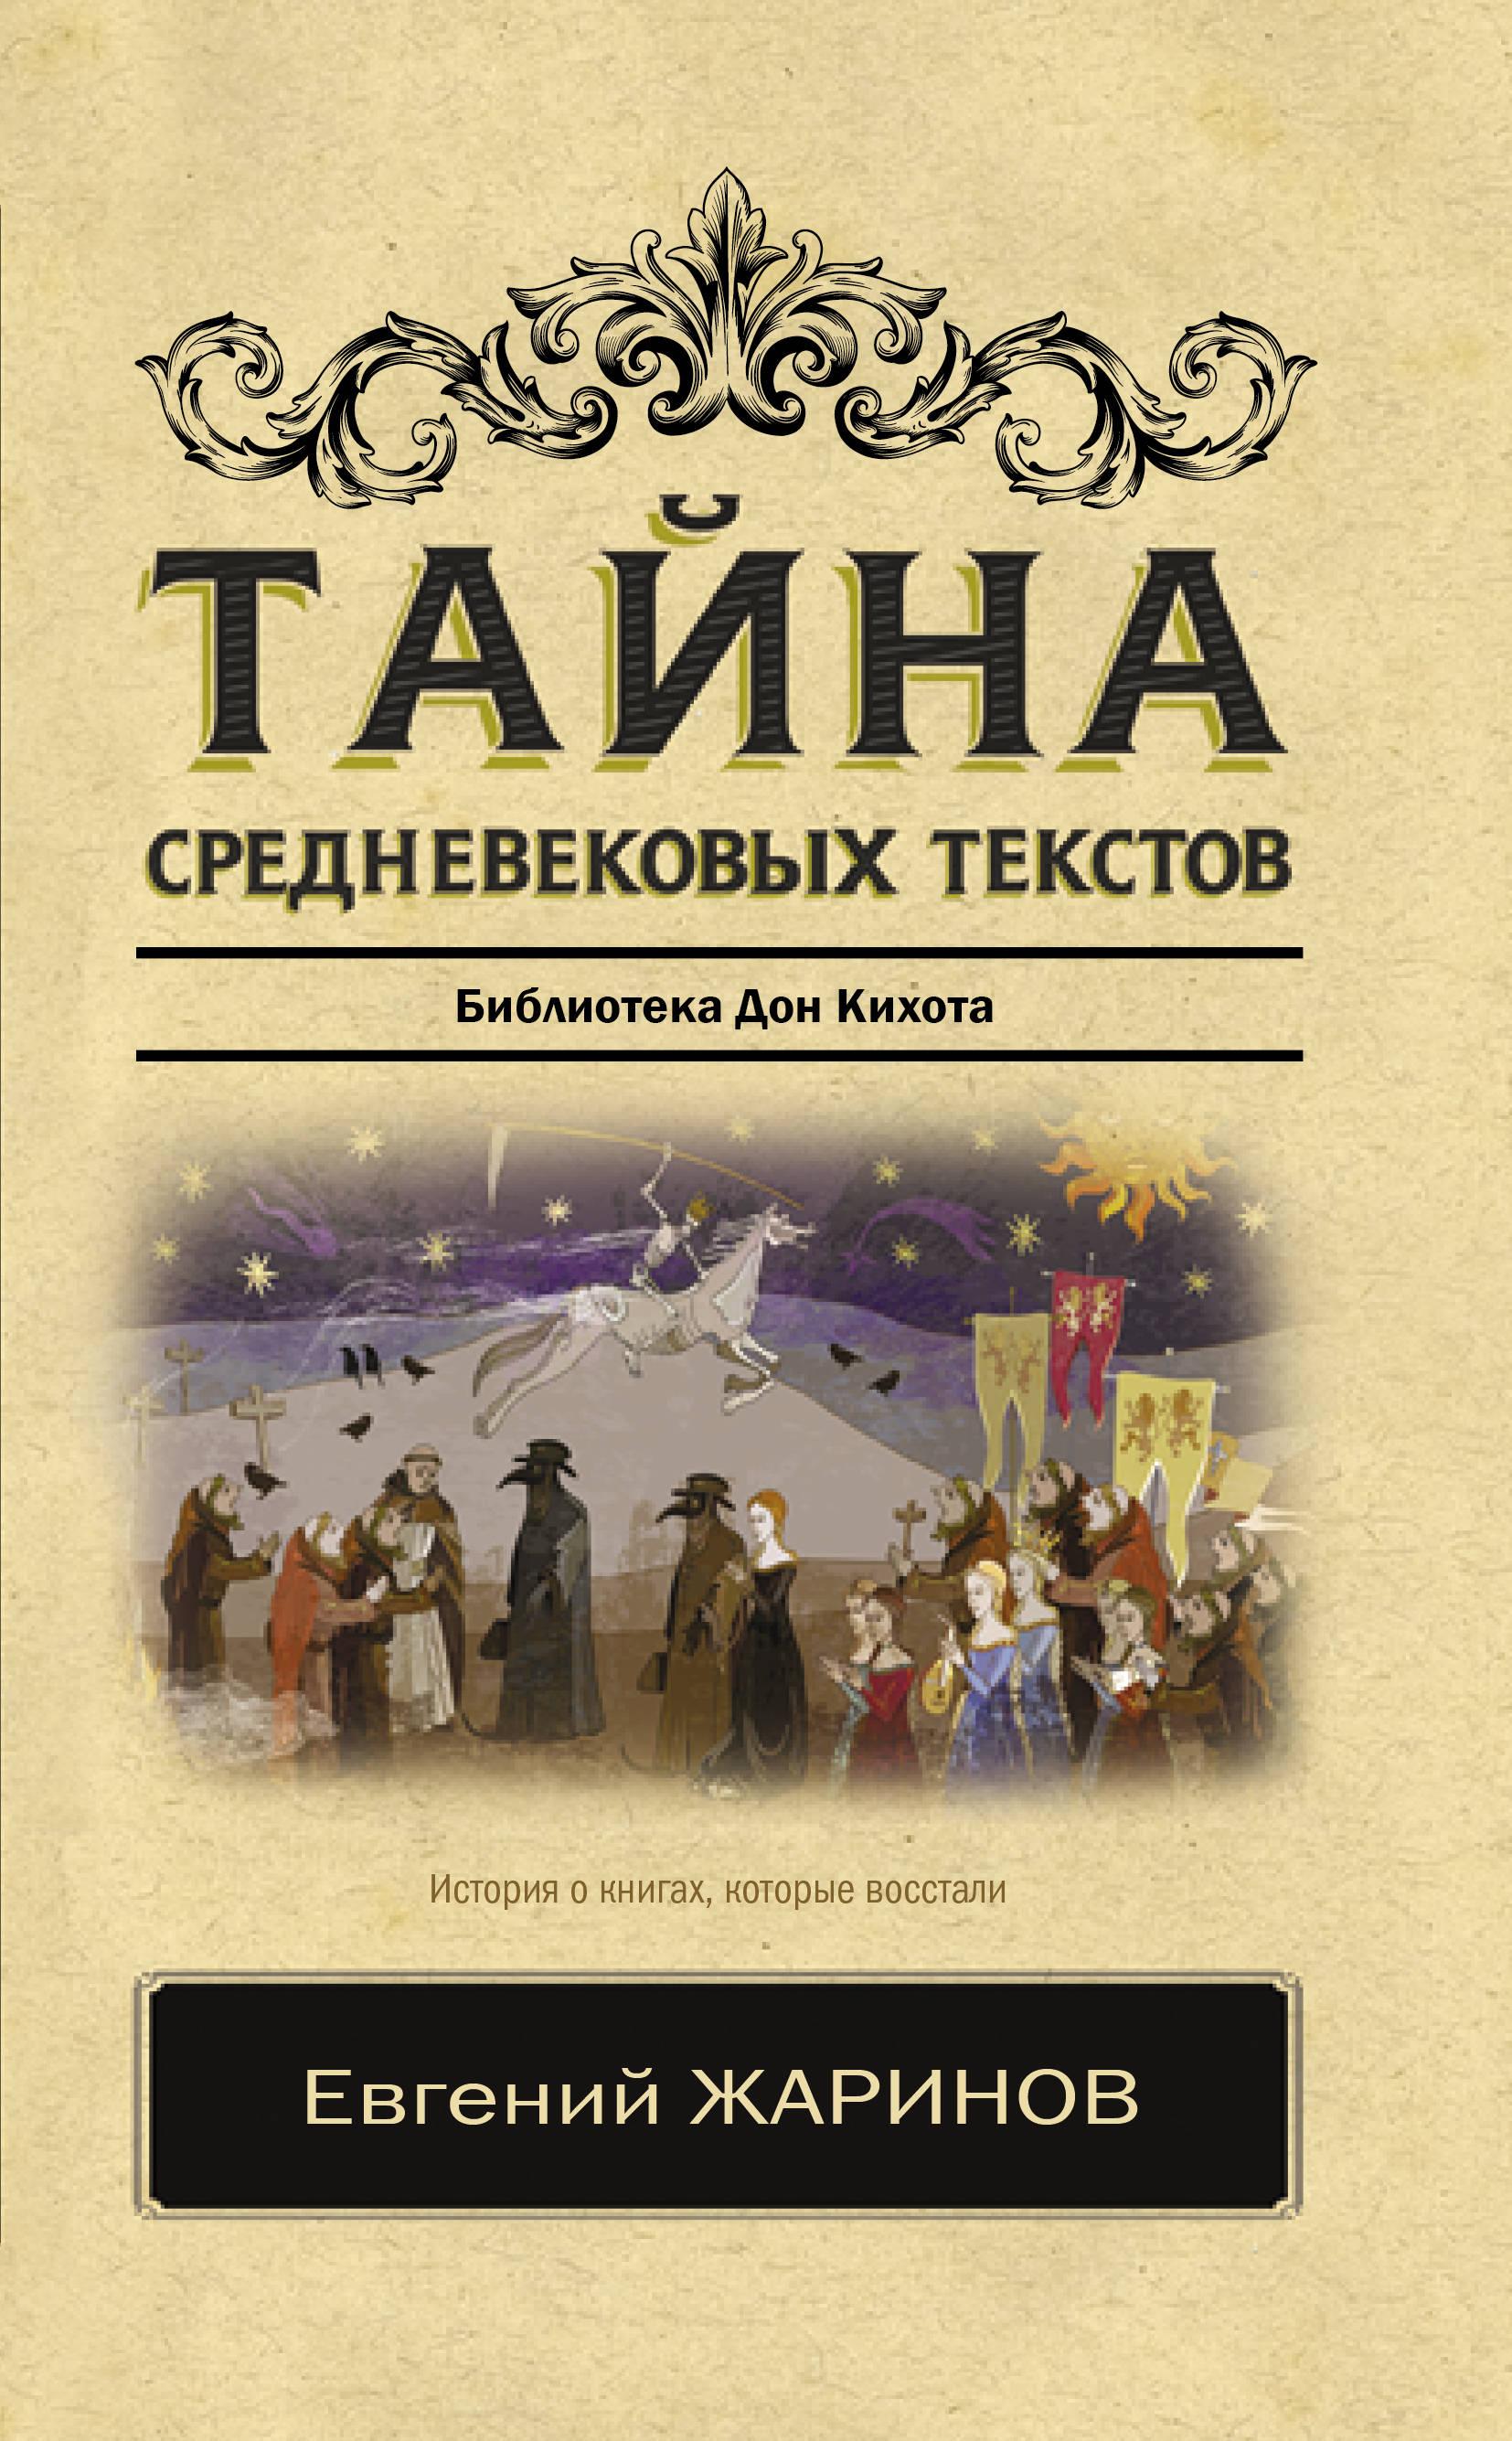 Тайна средневековых текстов. Библиотека Дон Кихота